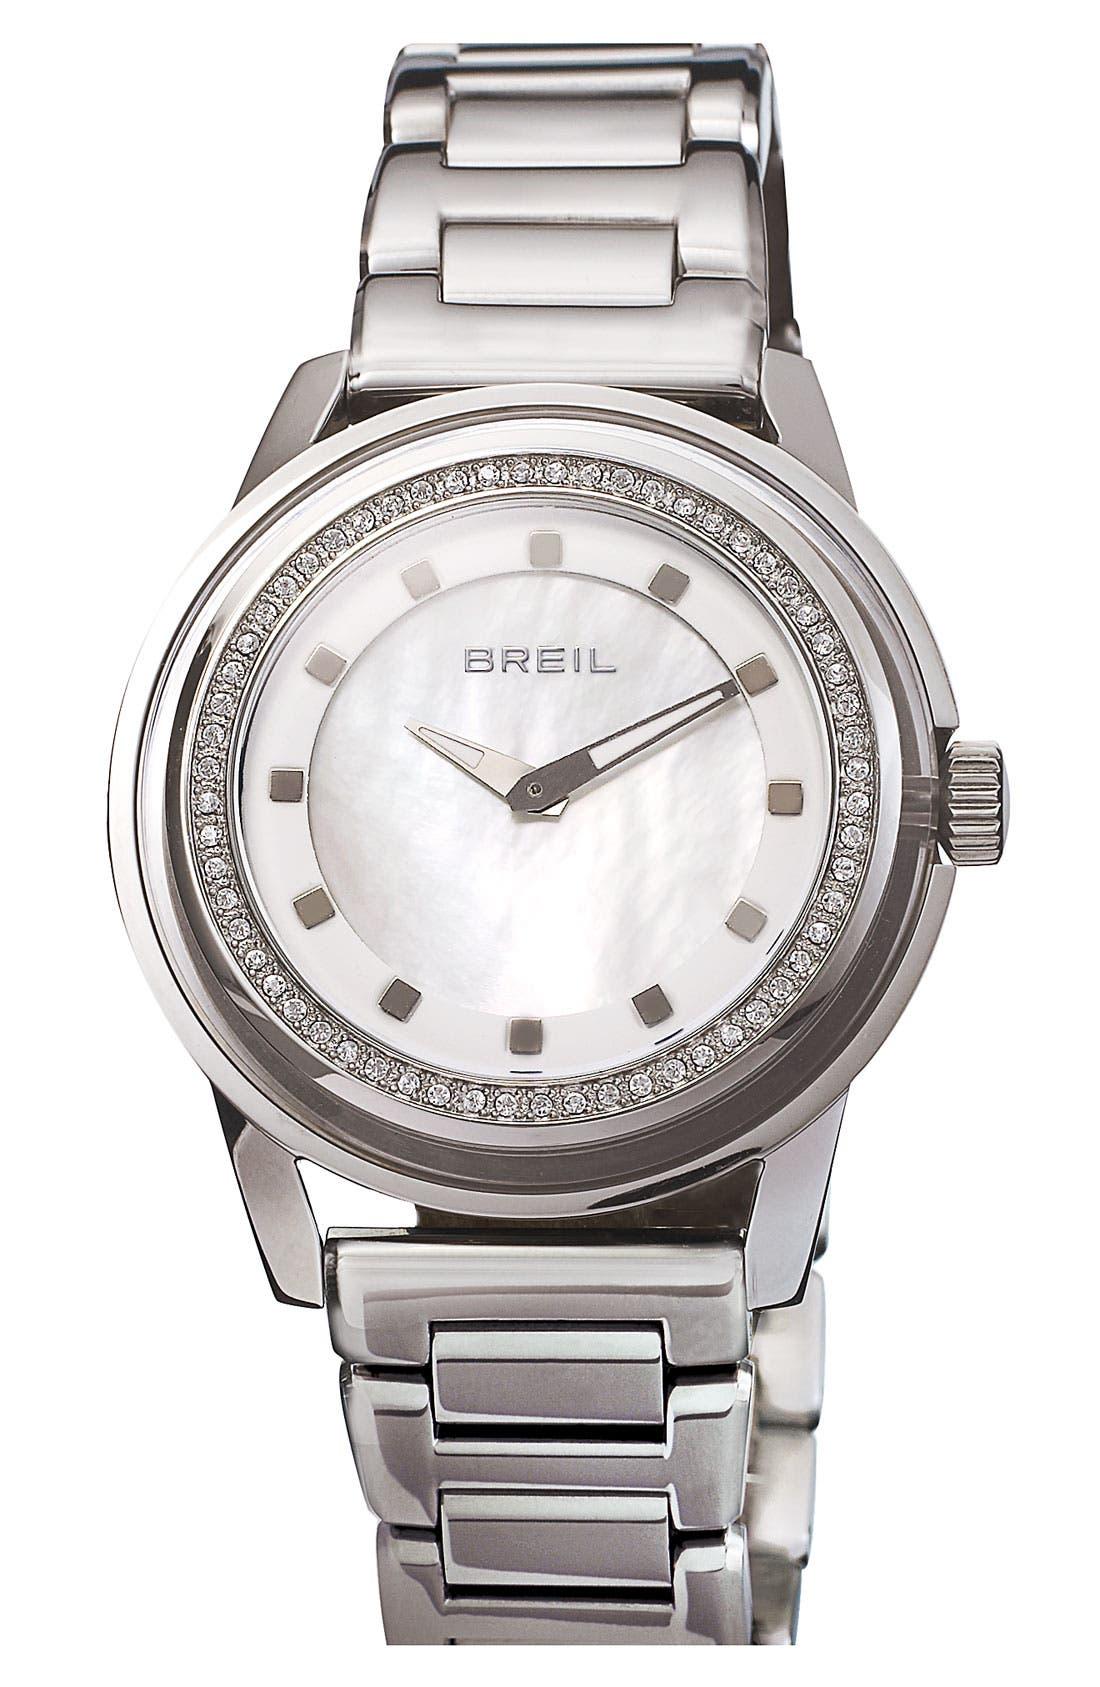 Alternate Image 1 Selected - Breil 'Orchestra' Crystal Bezel & Index Bracelet Watch, 40mm